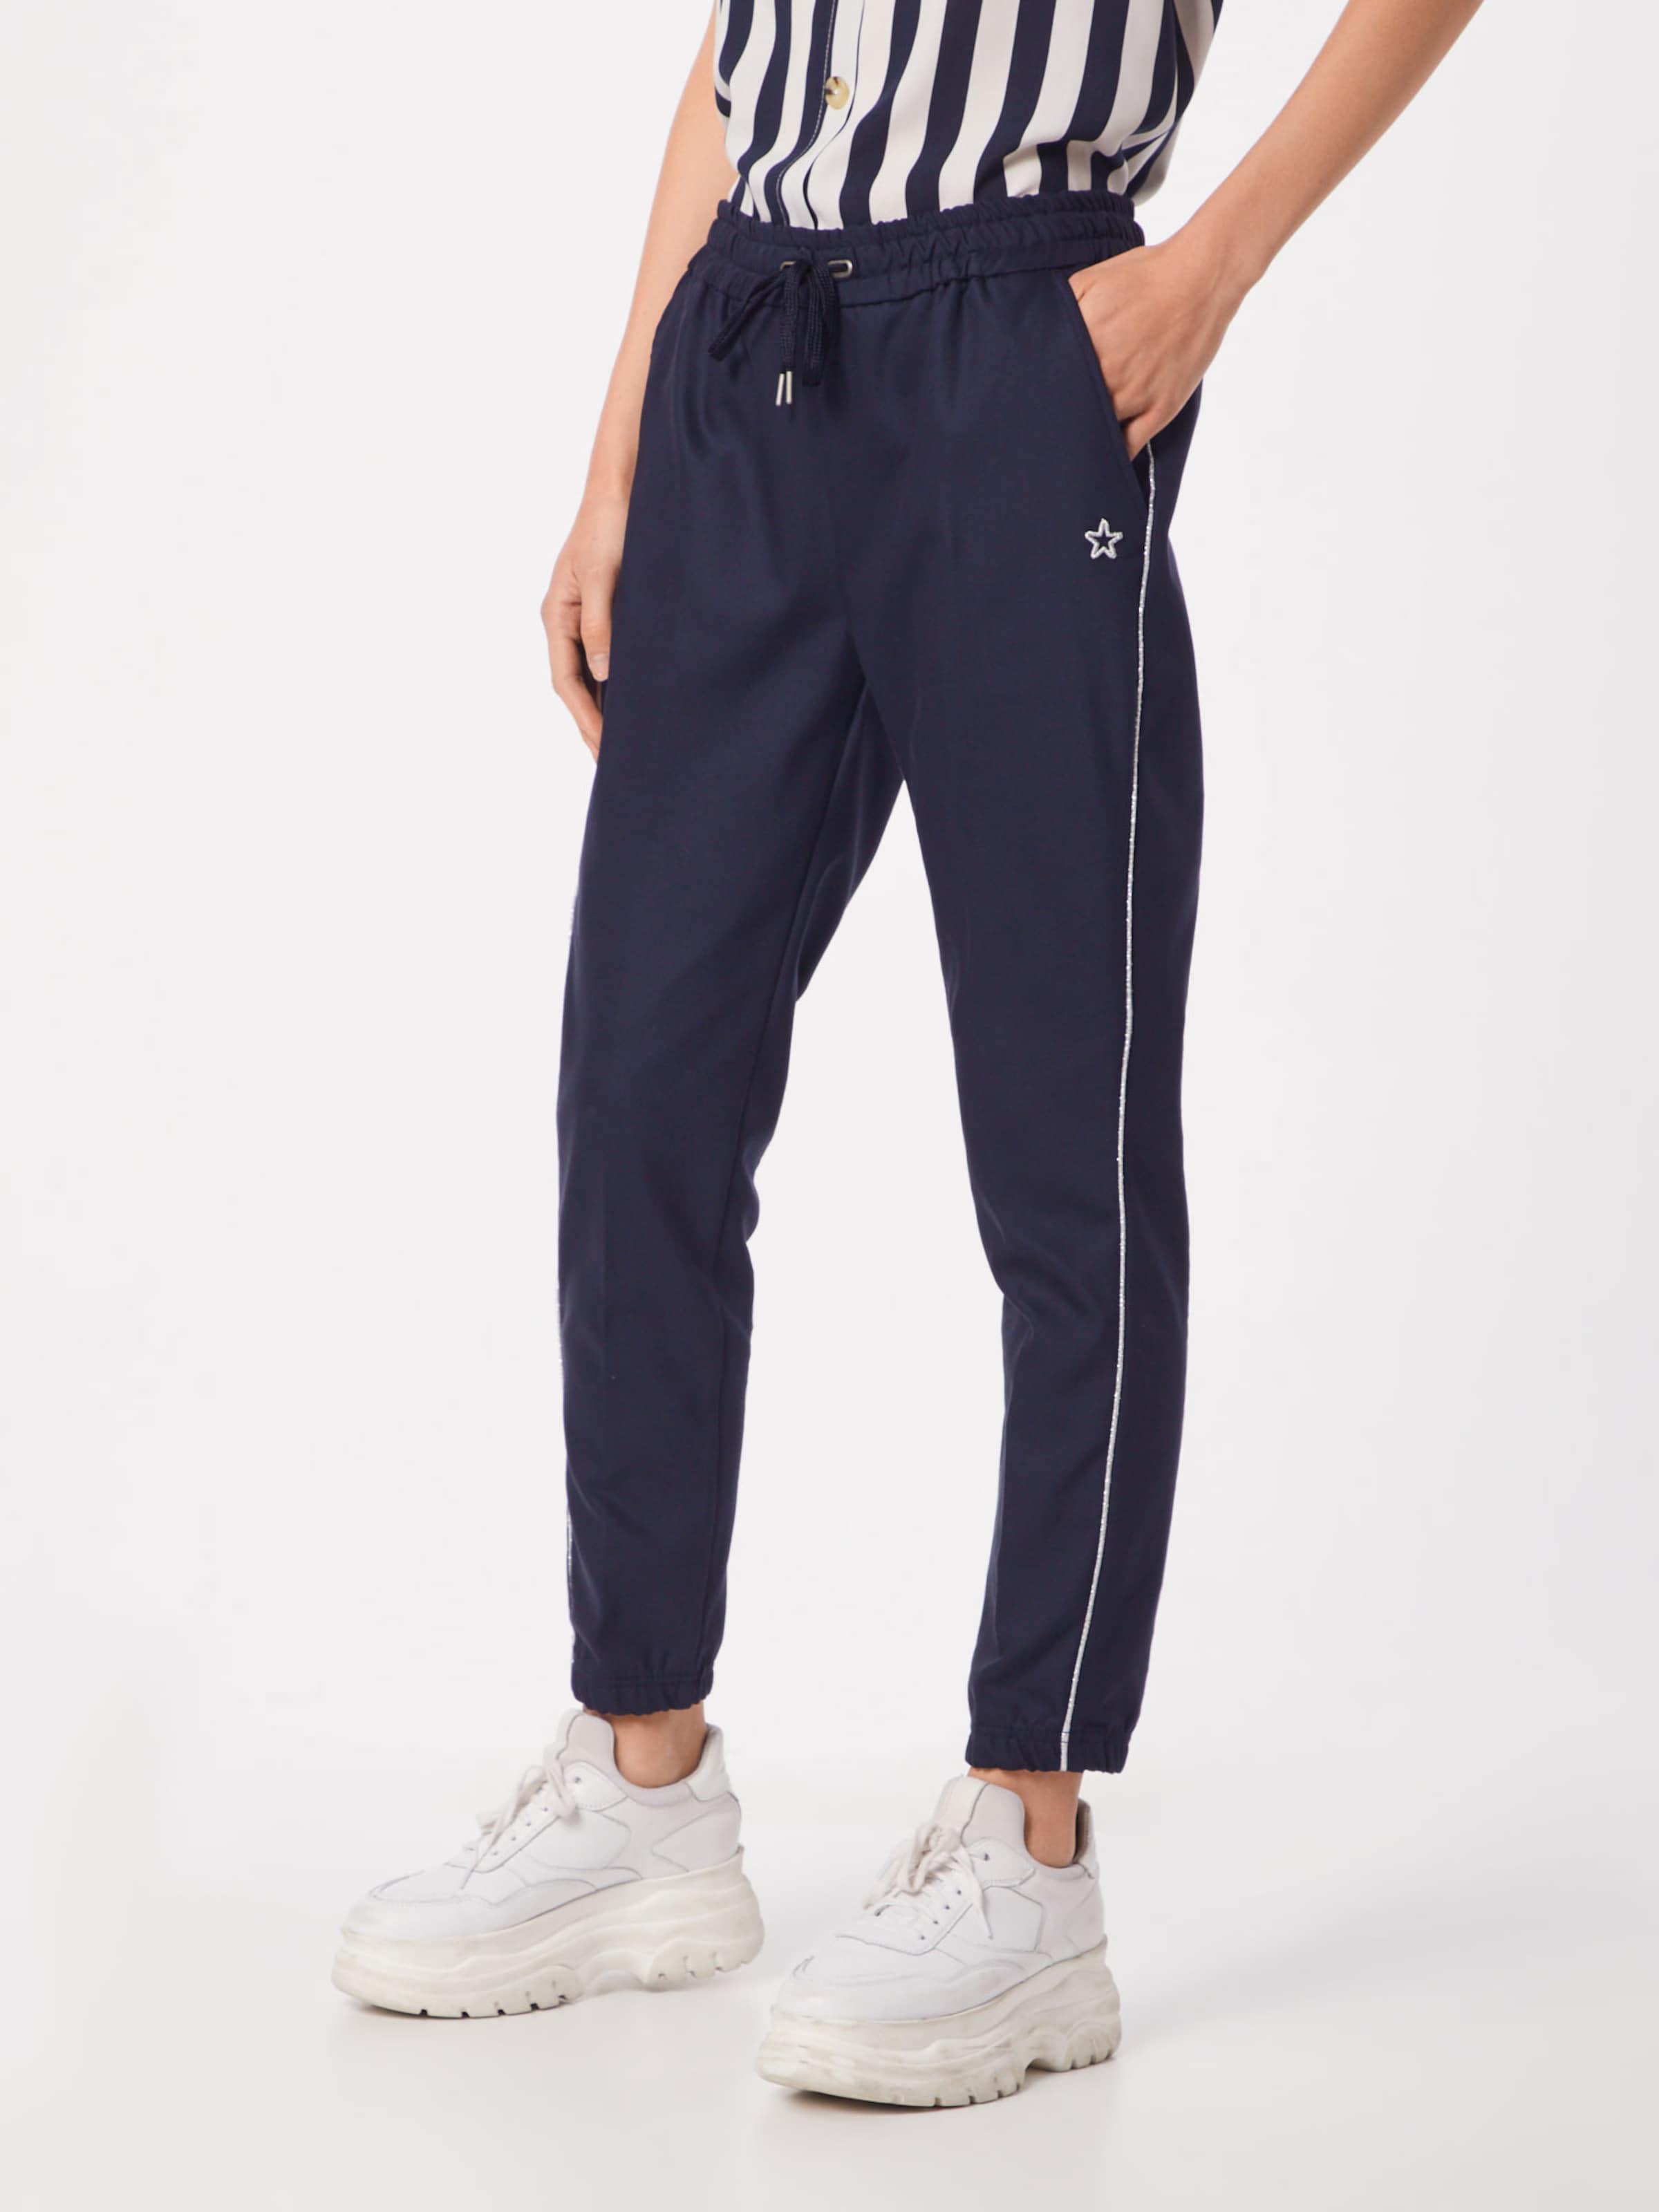 Foncé Glücksstern 'emily' Bleu Pantalon En sBtQrhdCx